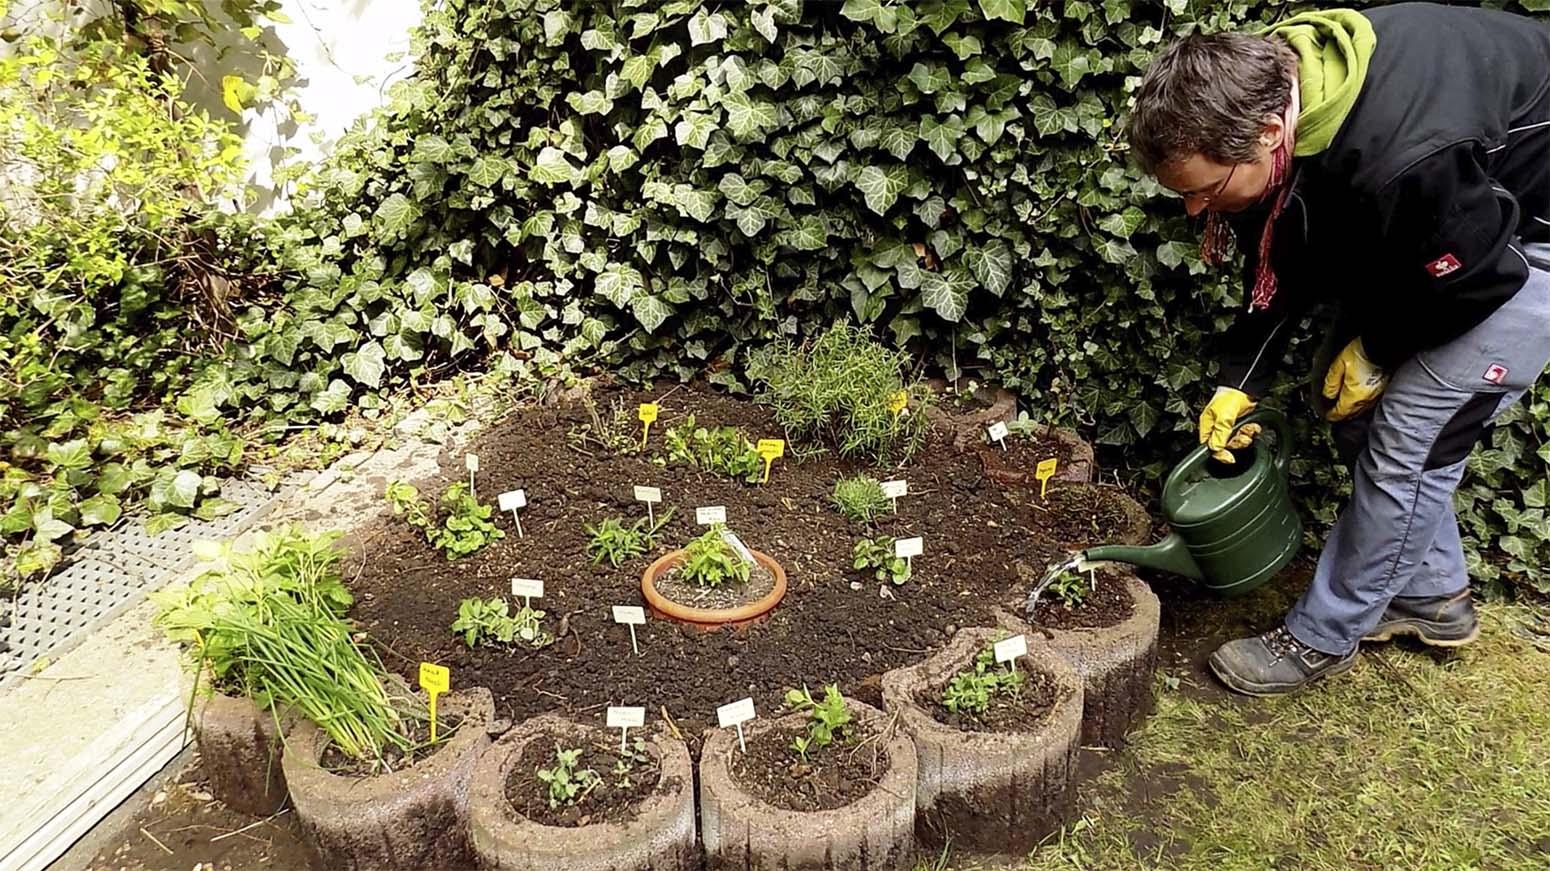 Sabine gießt ein neu gestaltetes Pflanzenbeet